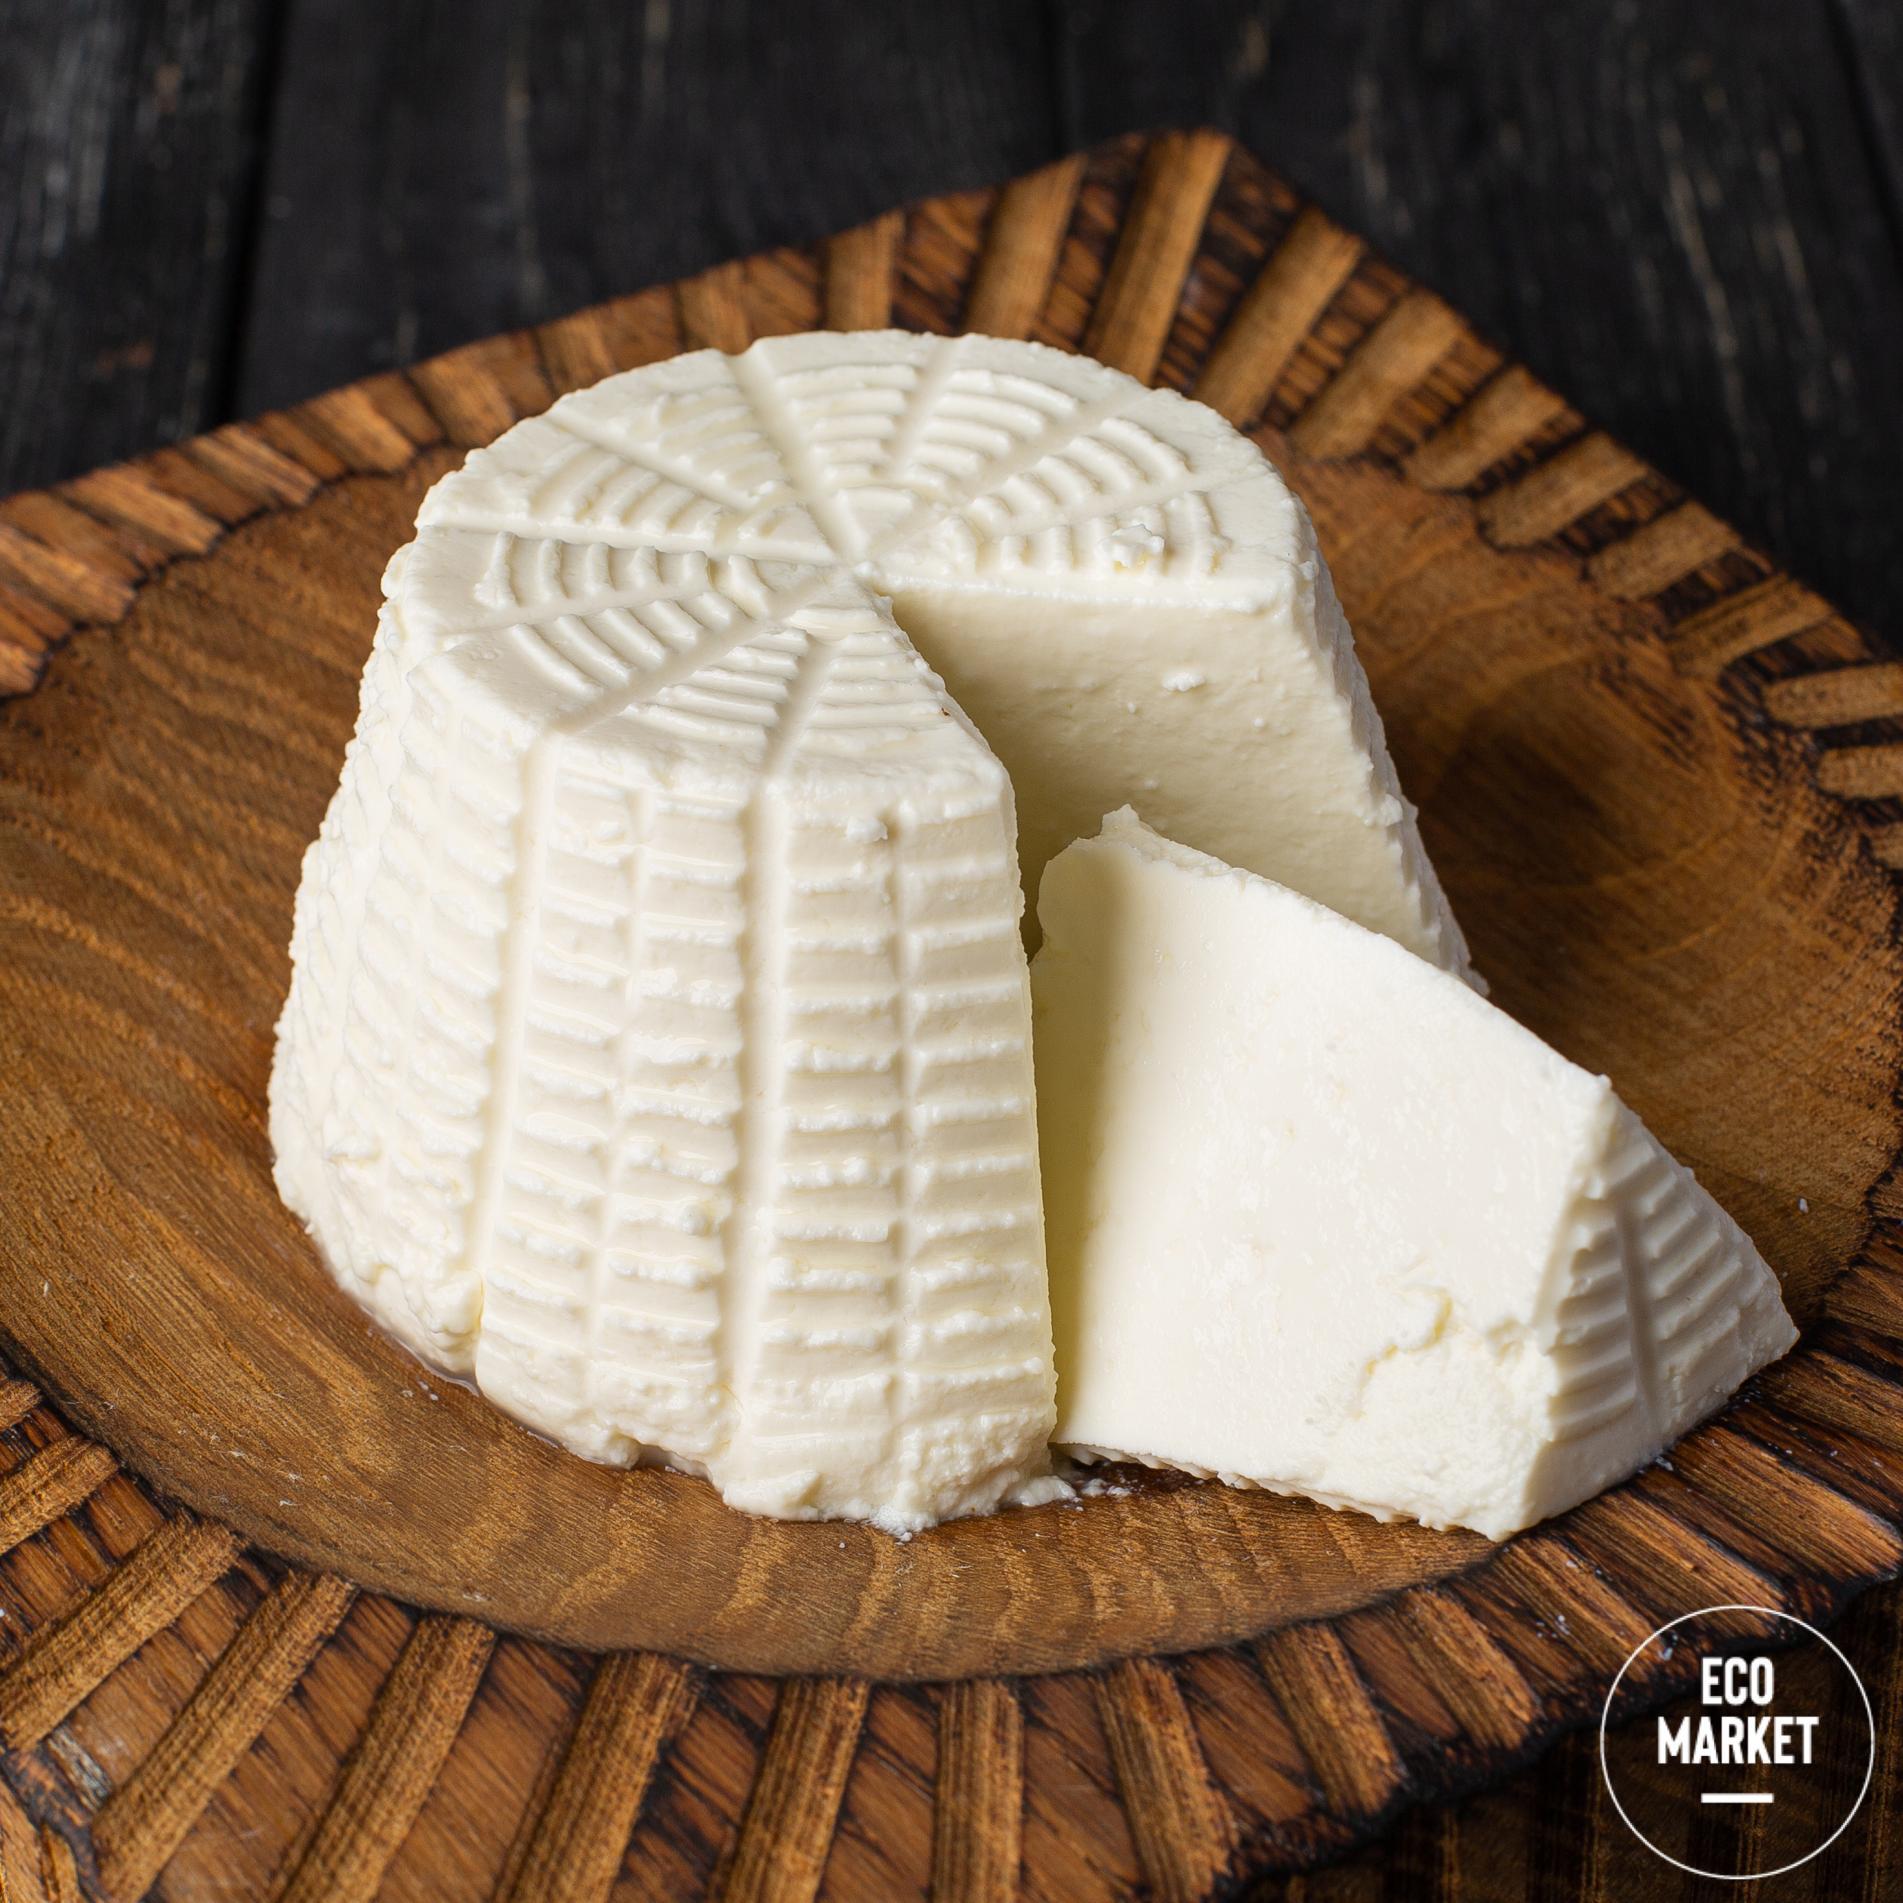 Сыр Рикотта из коровьего молока МДЖ 46% Ecomarket.ru - 300 г